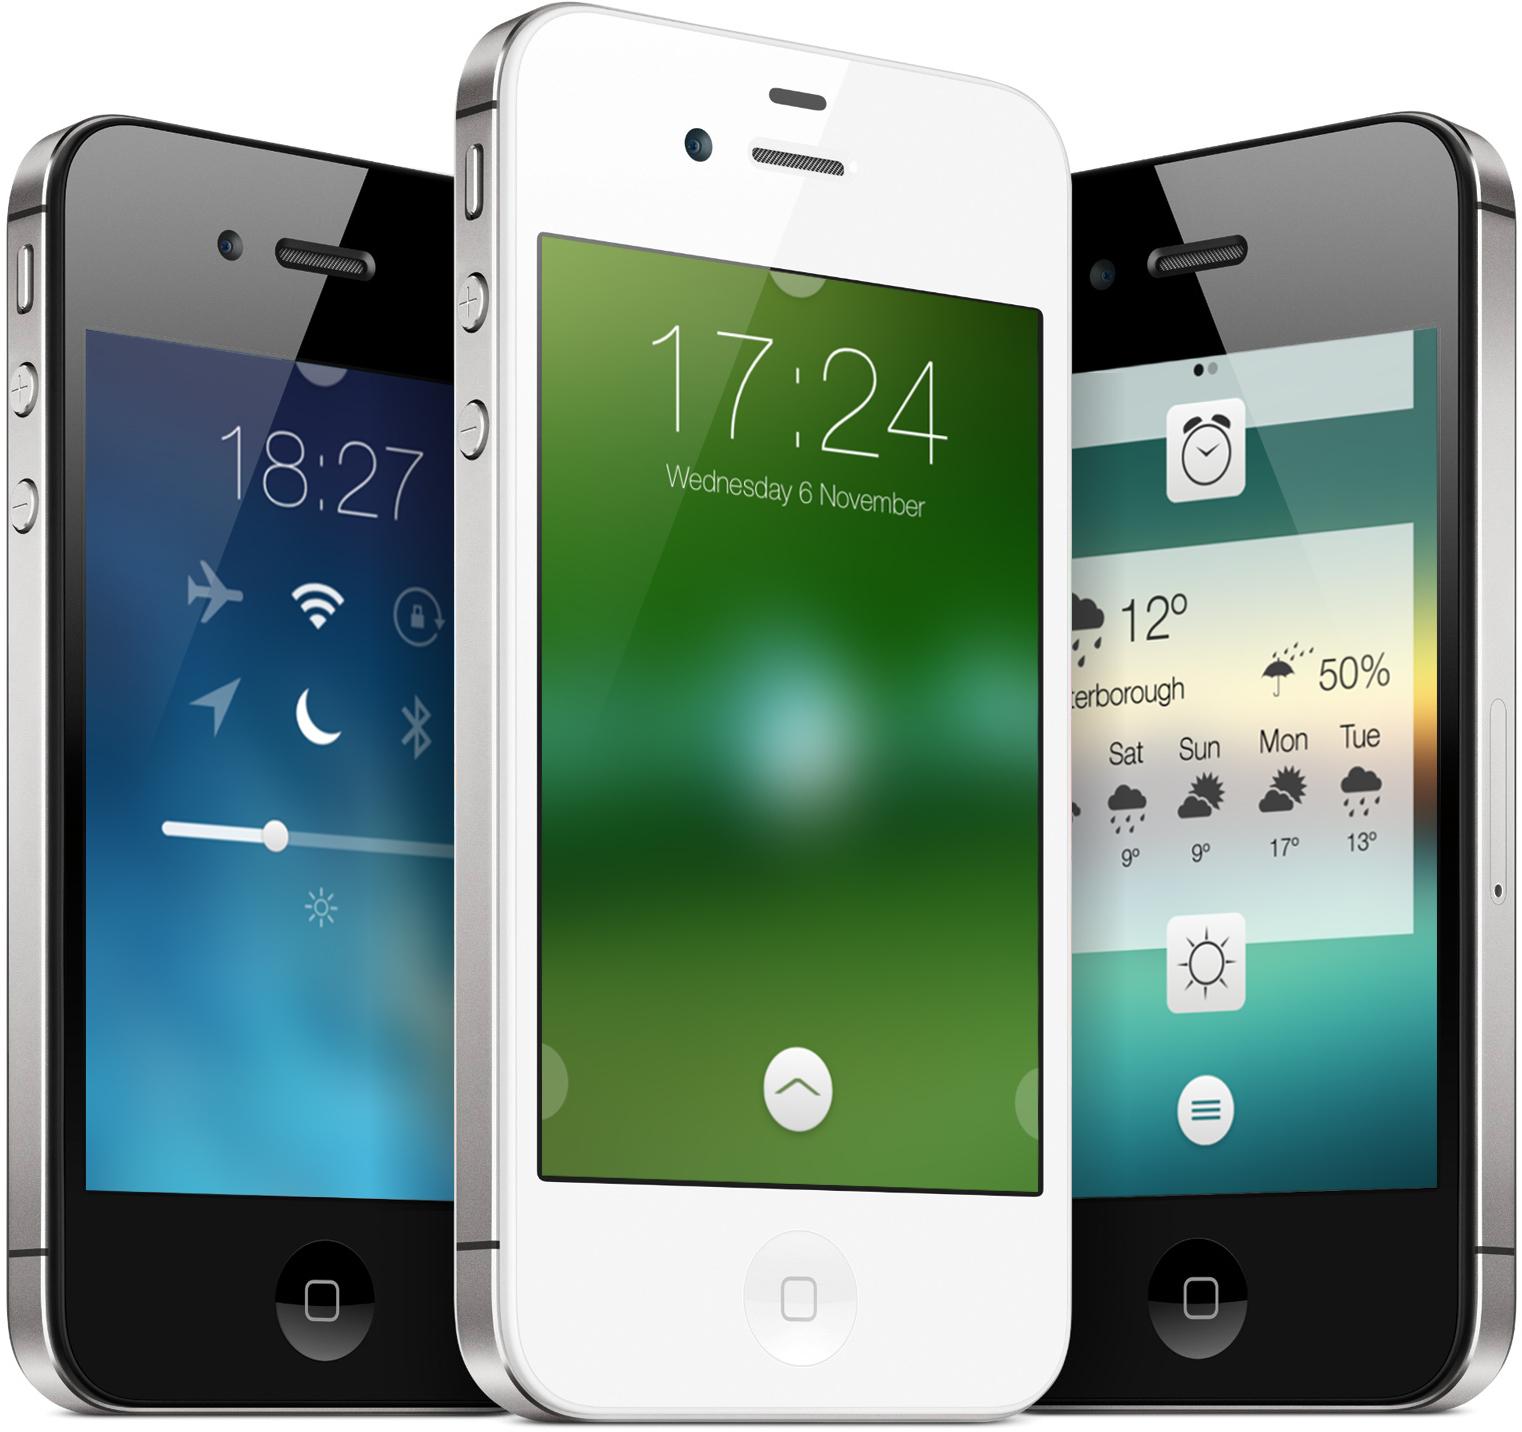 Tweak Convergance em iPhones